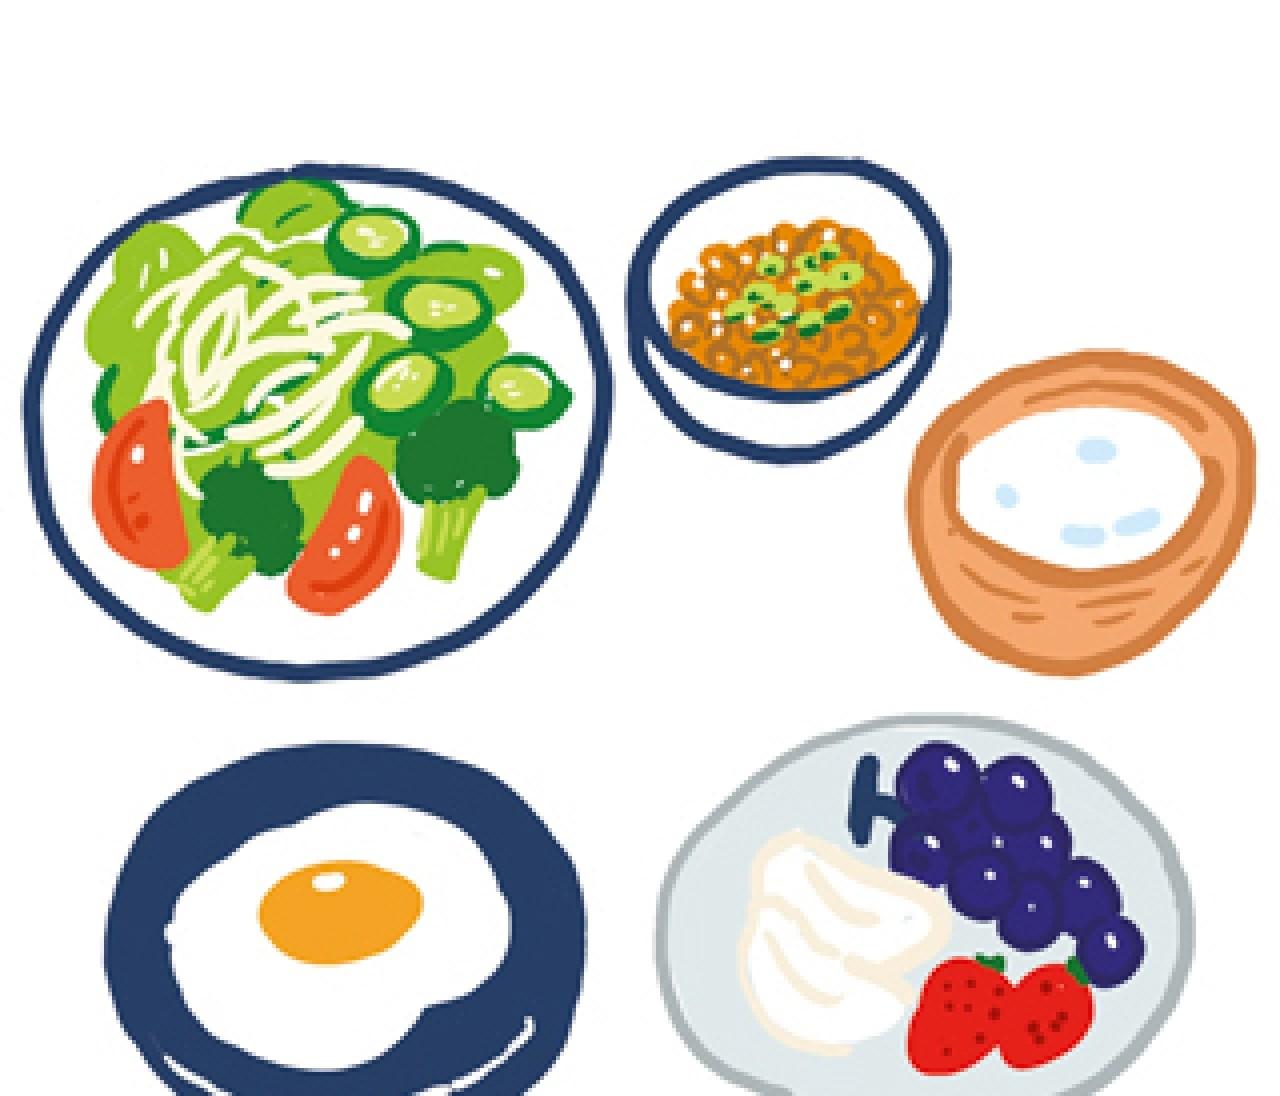 """【持続可能ダイエット】食べすぎた翌日は""""リセットごはん""""で代謝のいい体に"""